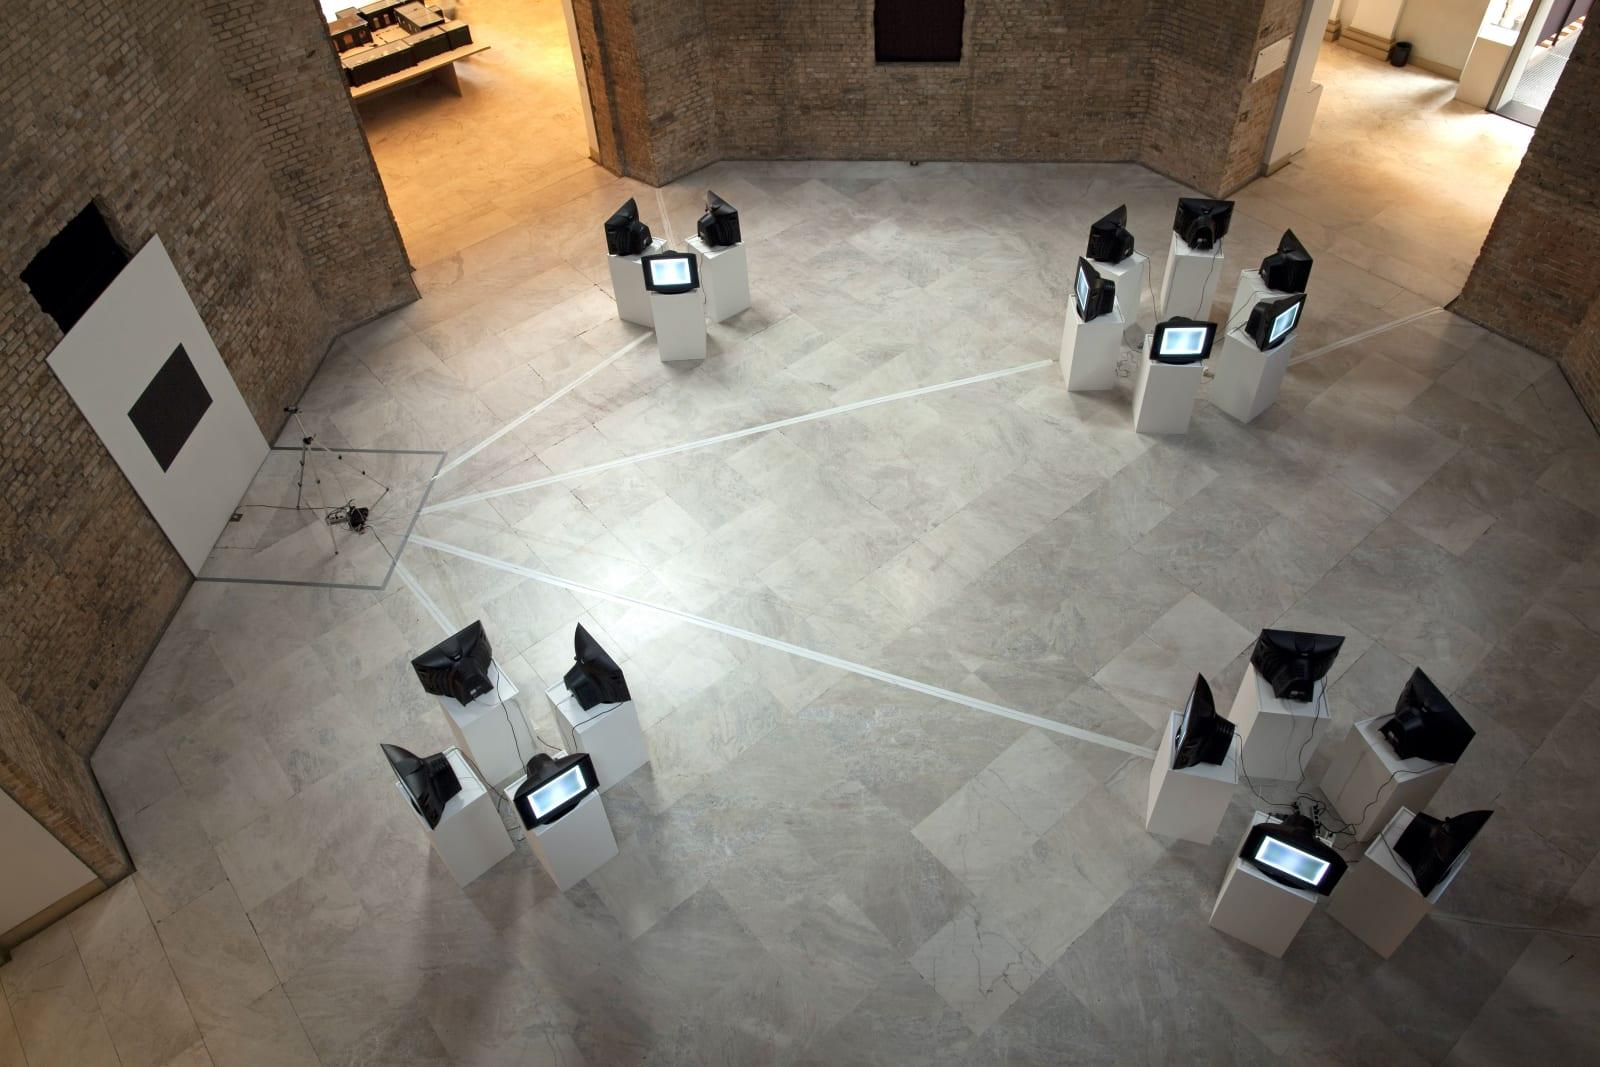 Polígonos Regulares, 1981 On view at Pinacoteca do Estado, São Paulo, 2011